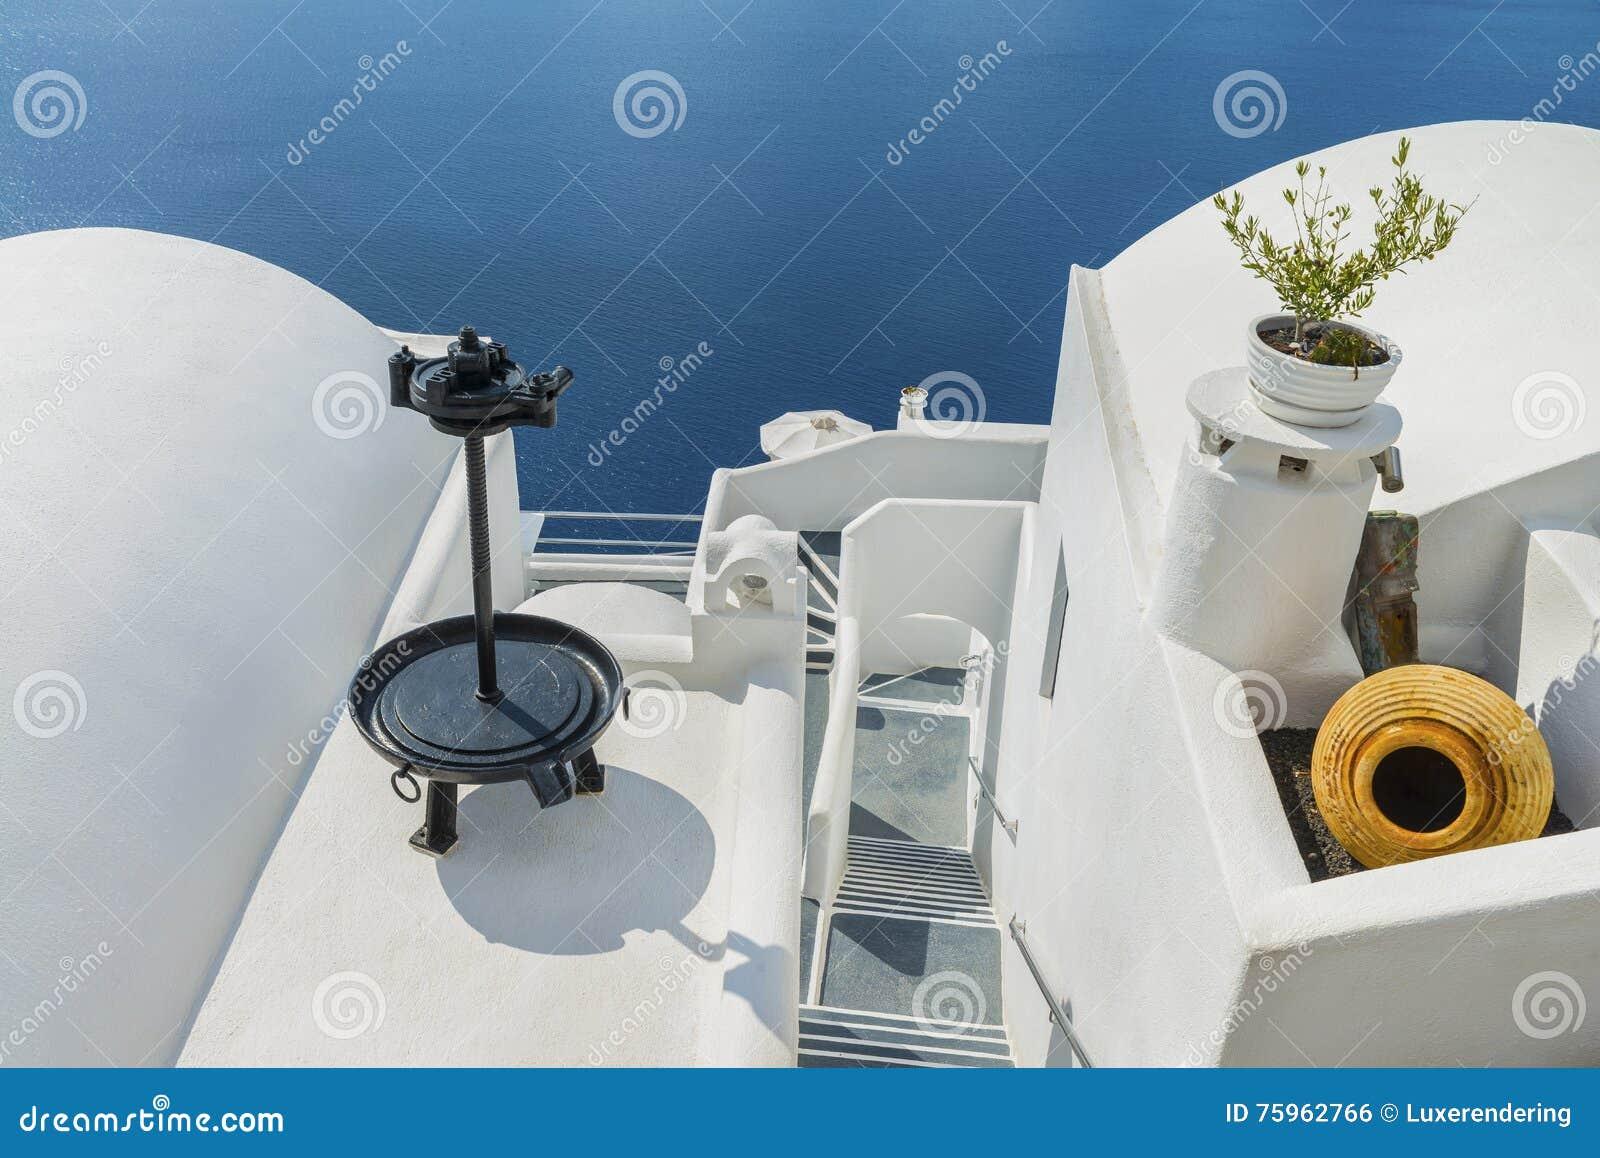 De decoratieve punten versieren de daken van traditionele griekse